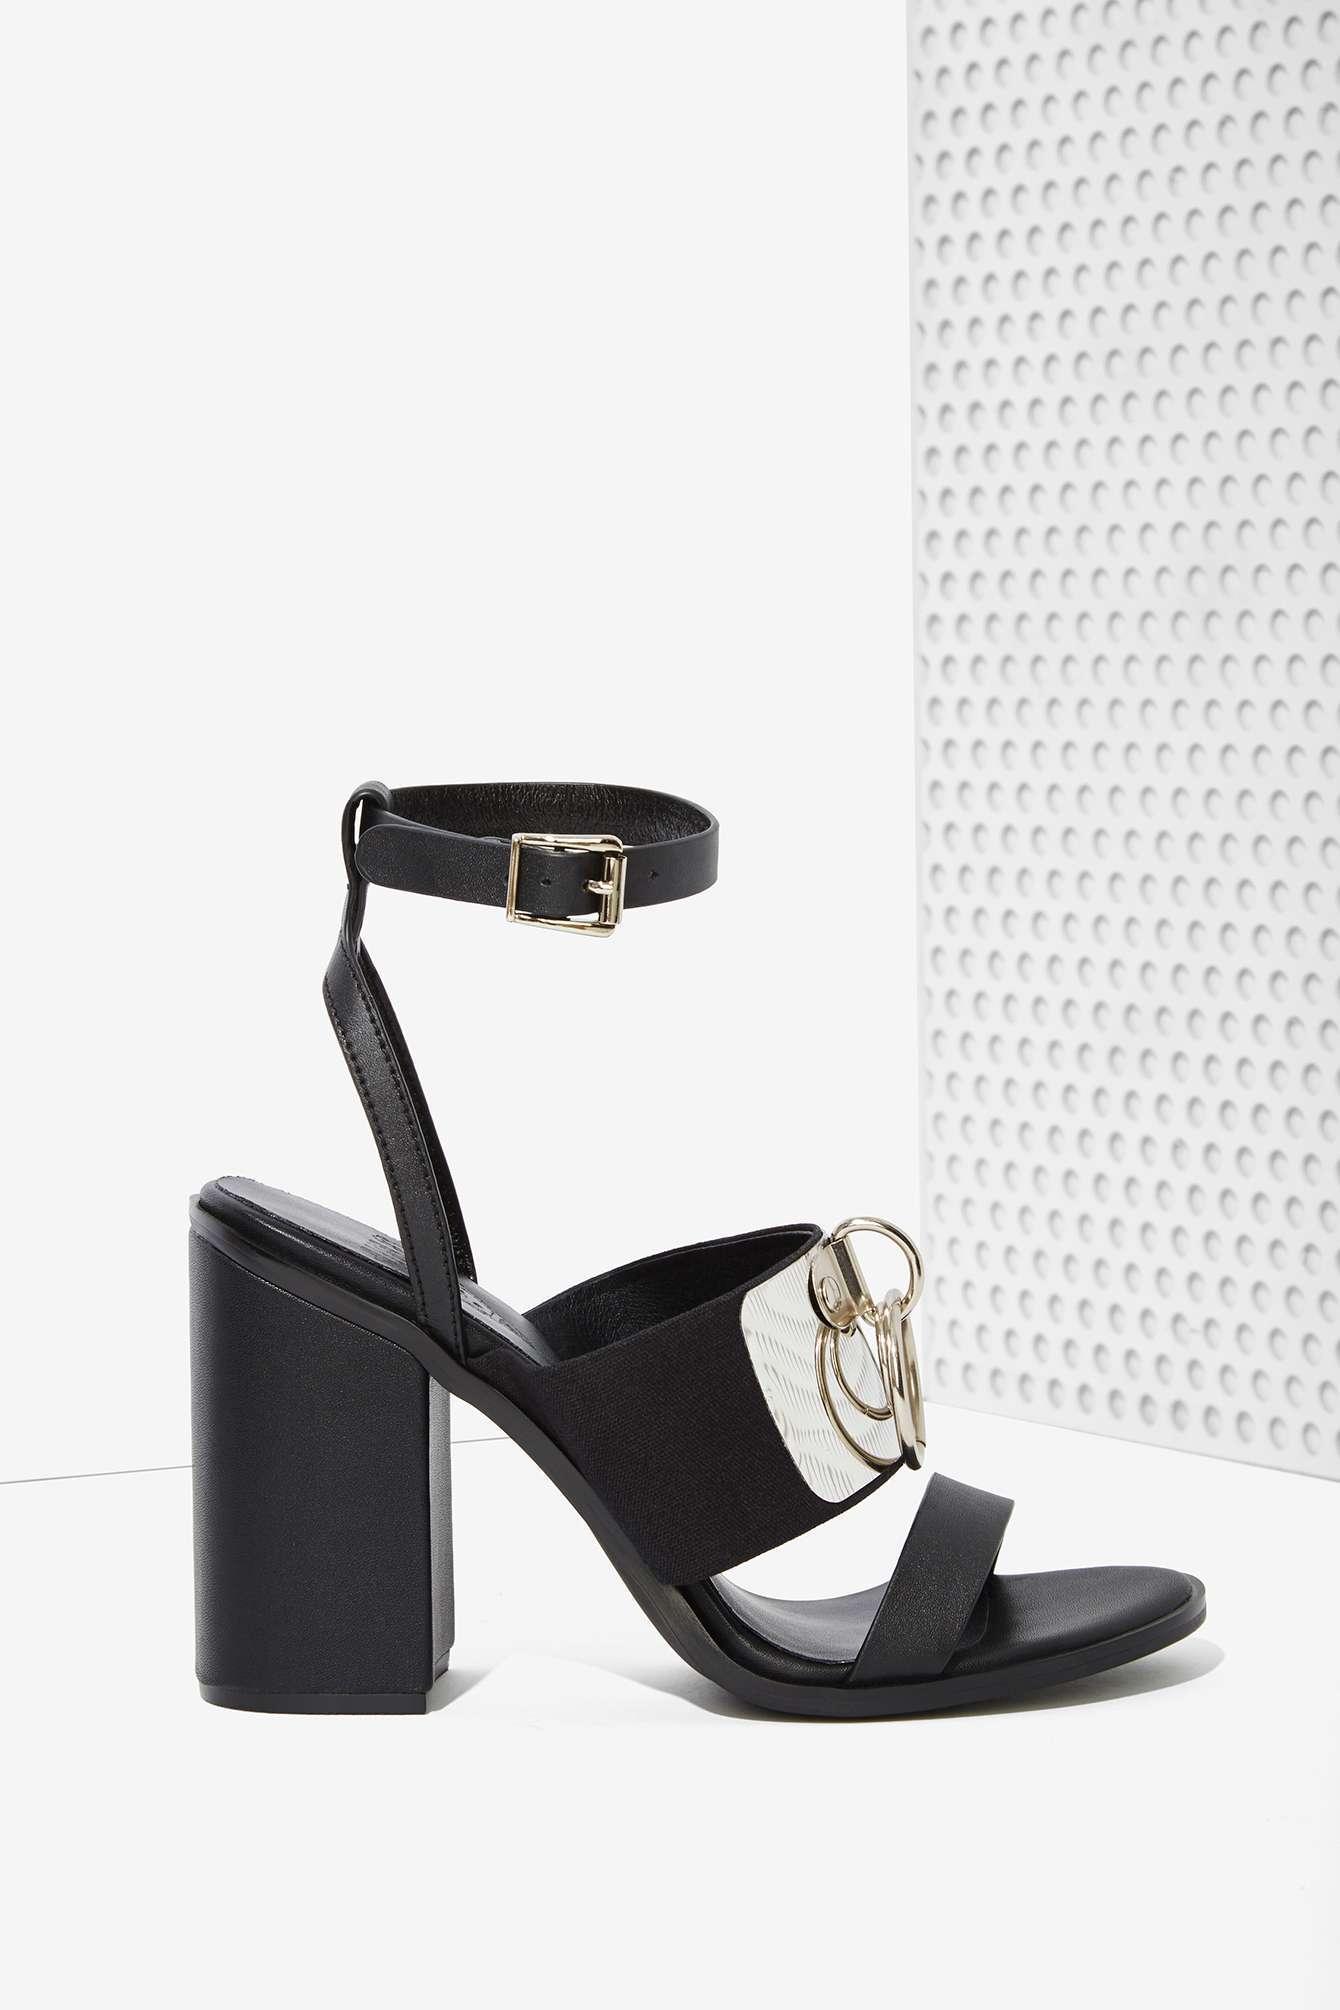 unif-vault-cut-out-leather-block-heel-nastygal.jpg